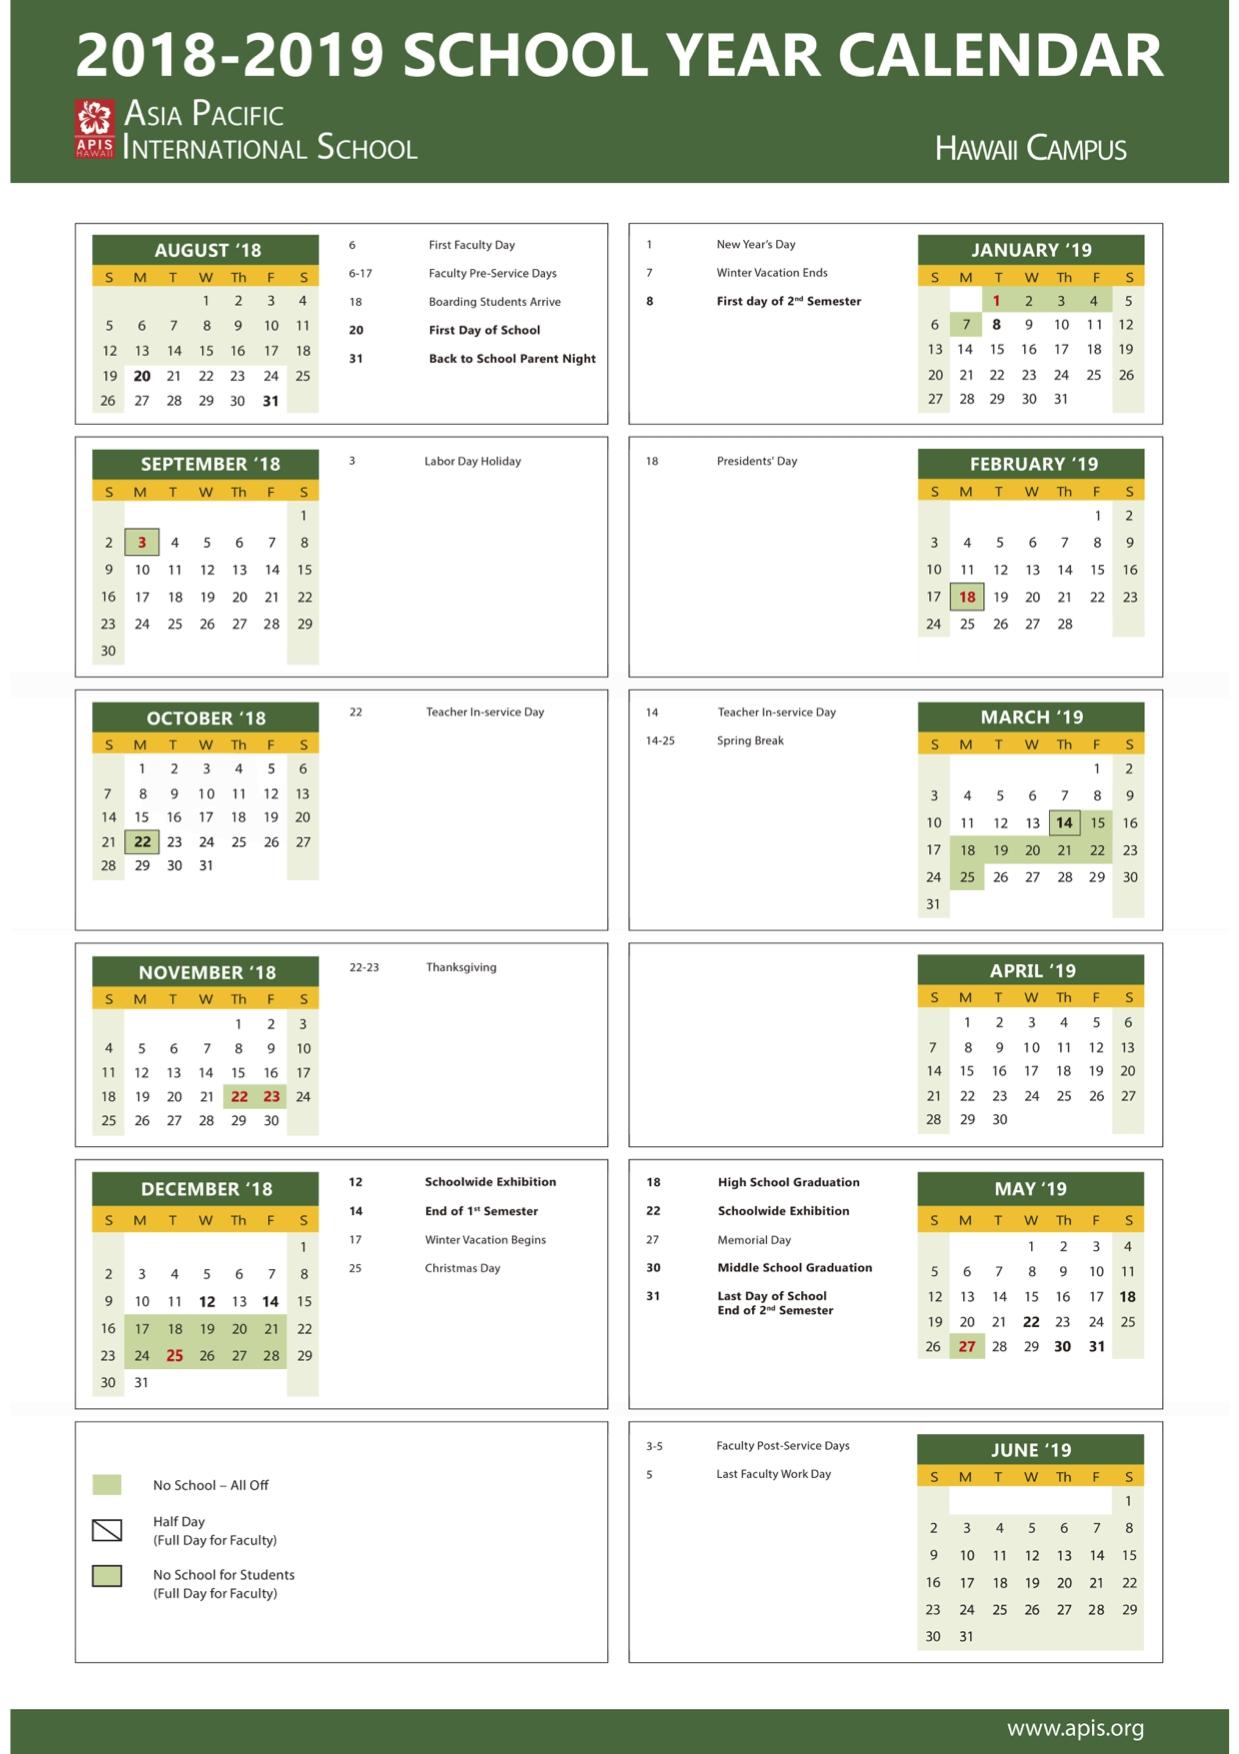 2018 2019 School Year Calendar Hawaii – Apis Calendar 2019 Hawaii